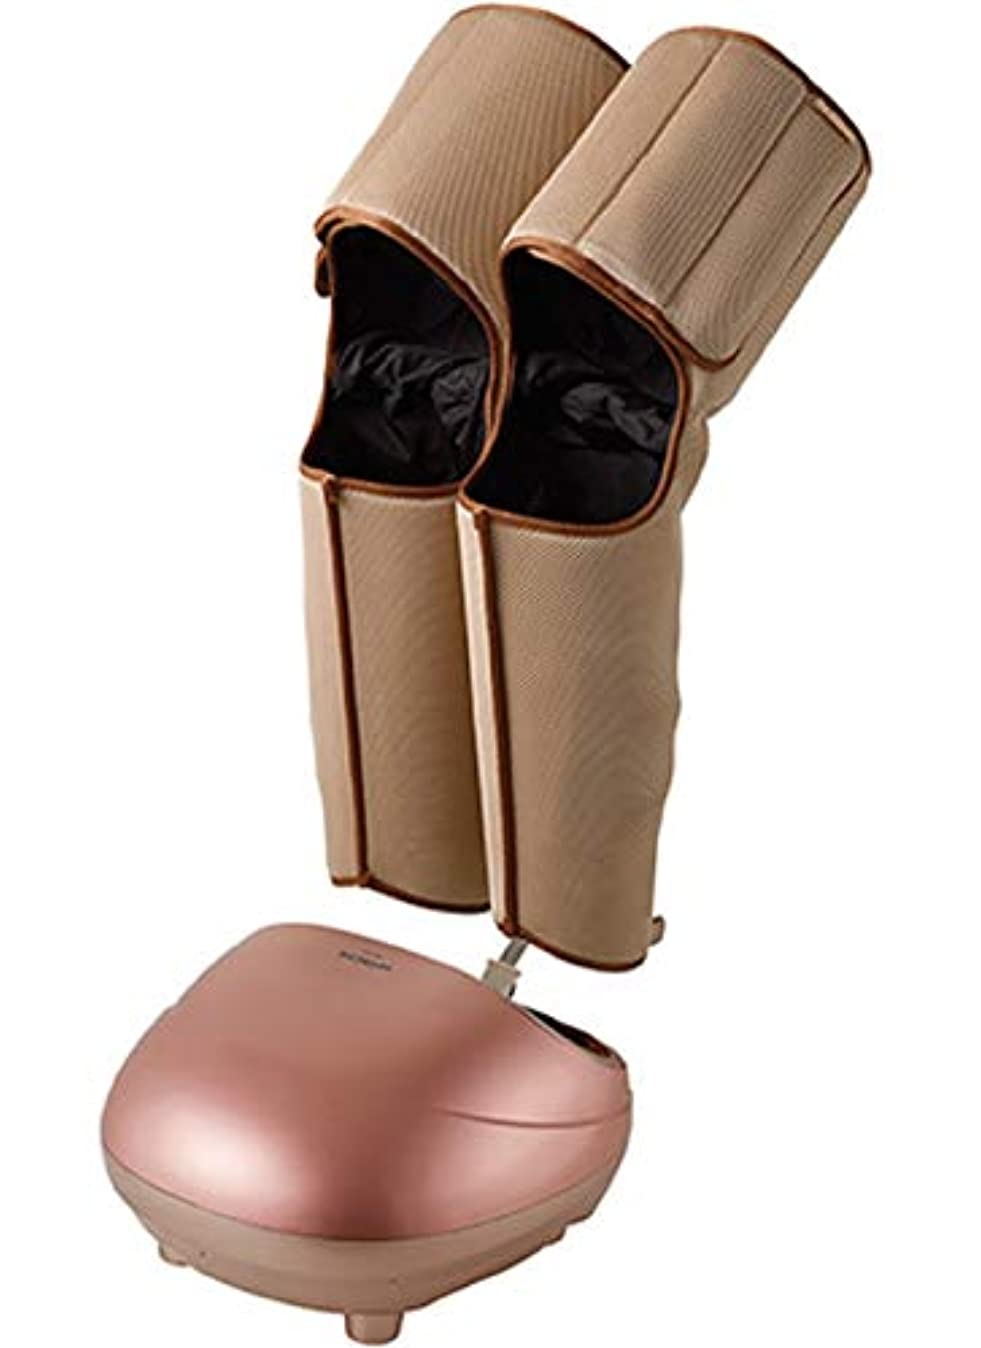 グリース機械タオル日立 フットクリエ フットマッサージャー 選べる4コース ピンクゴールド HFM-3000 P